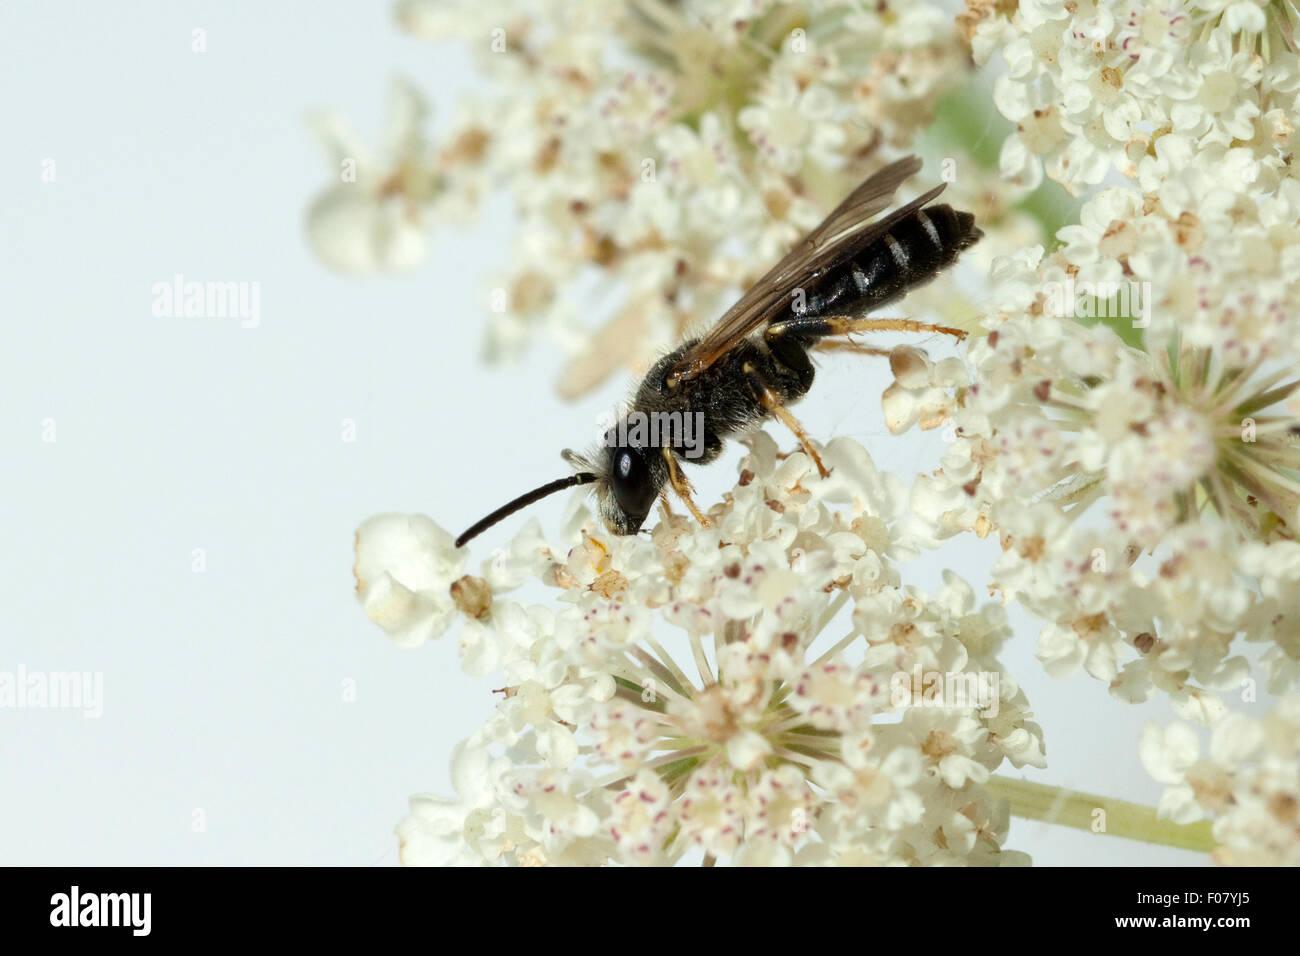 Wildbiene; Loecherbienen; Loecherbiene; Solitaerbiene; Wildbienen; Apoidea; - Stock Image